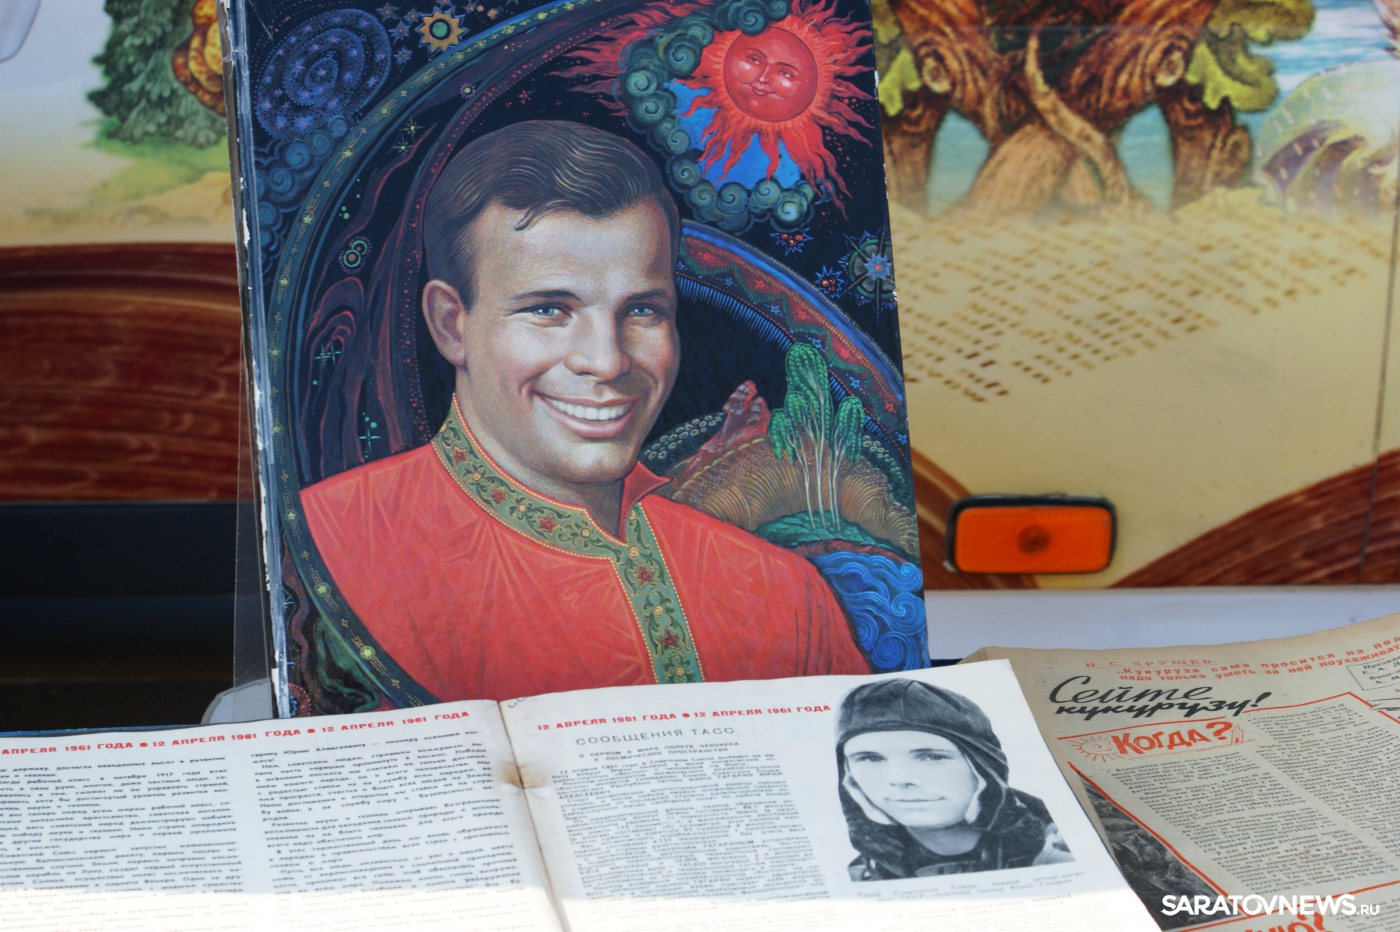 Потрет Юрия Гагарина.Экспонат передвижной выставки на месте приземления Гагарина